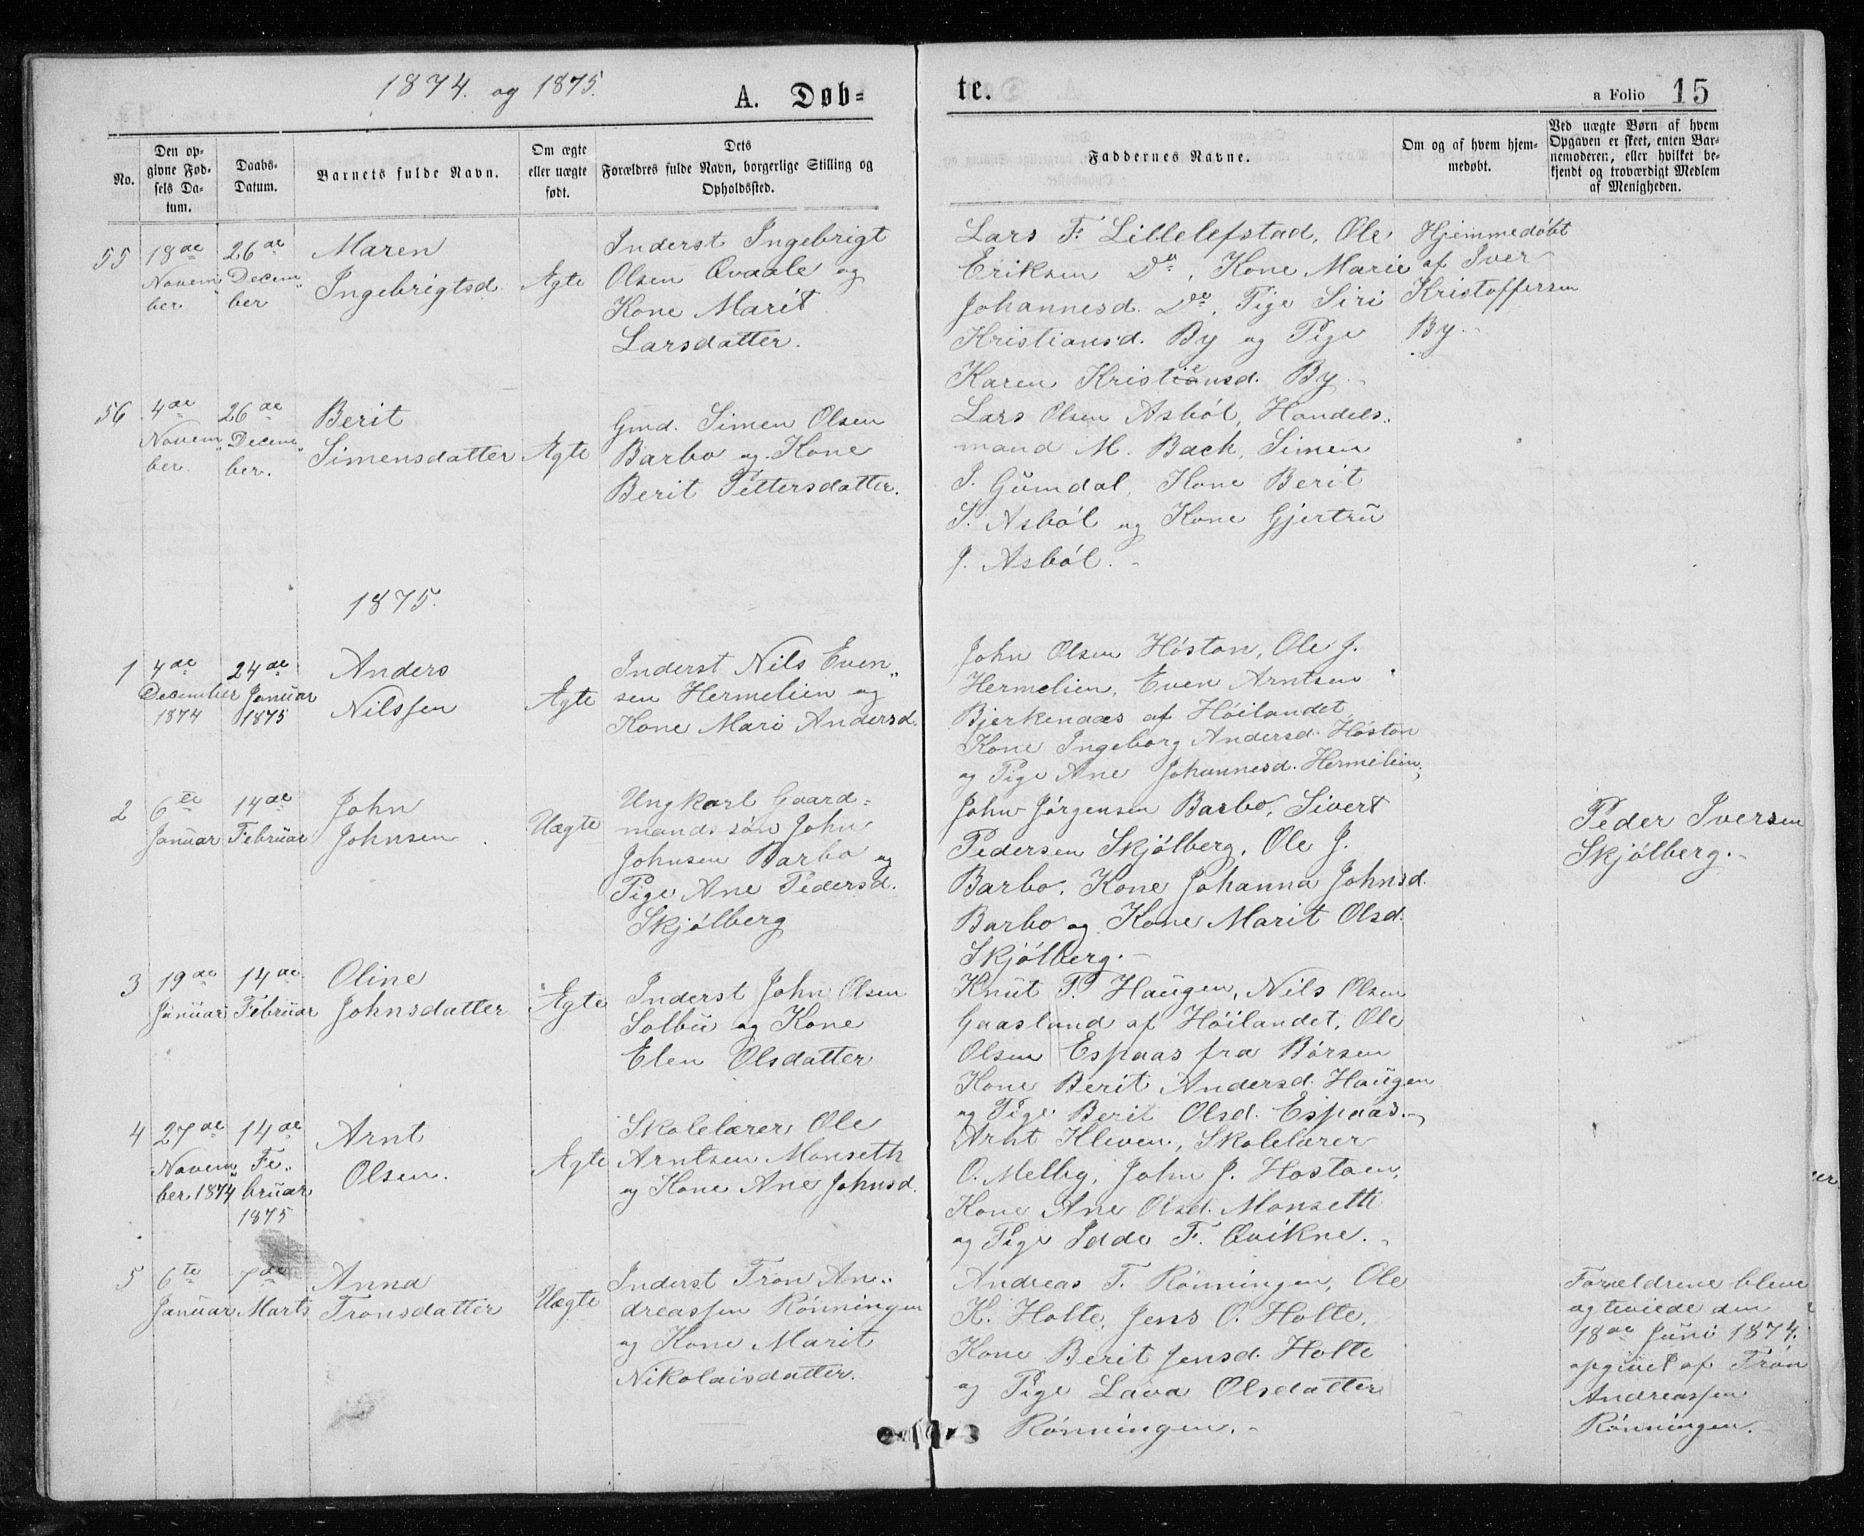 SAT, Ministerialprotokoller, klokkerbøker og fødselsregistre - Sør-Trøndelag, 671/L0843: Klokkerbok nr. 671C02, 1873-1892, s. 15